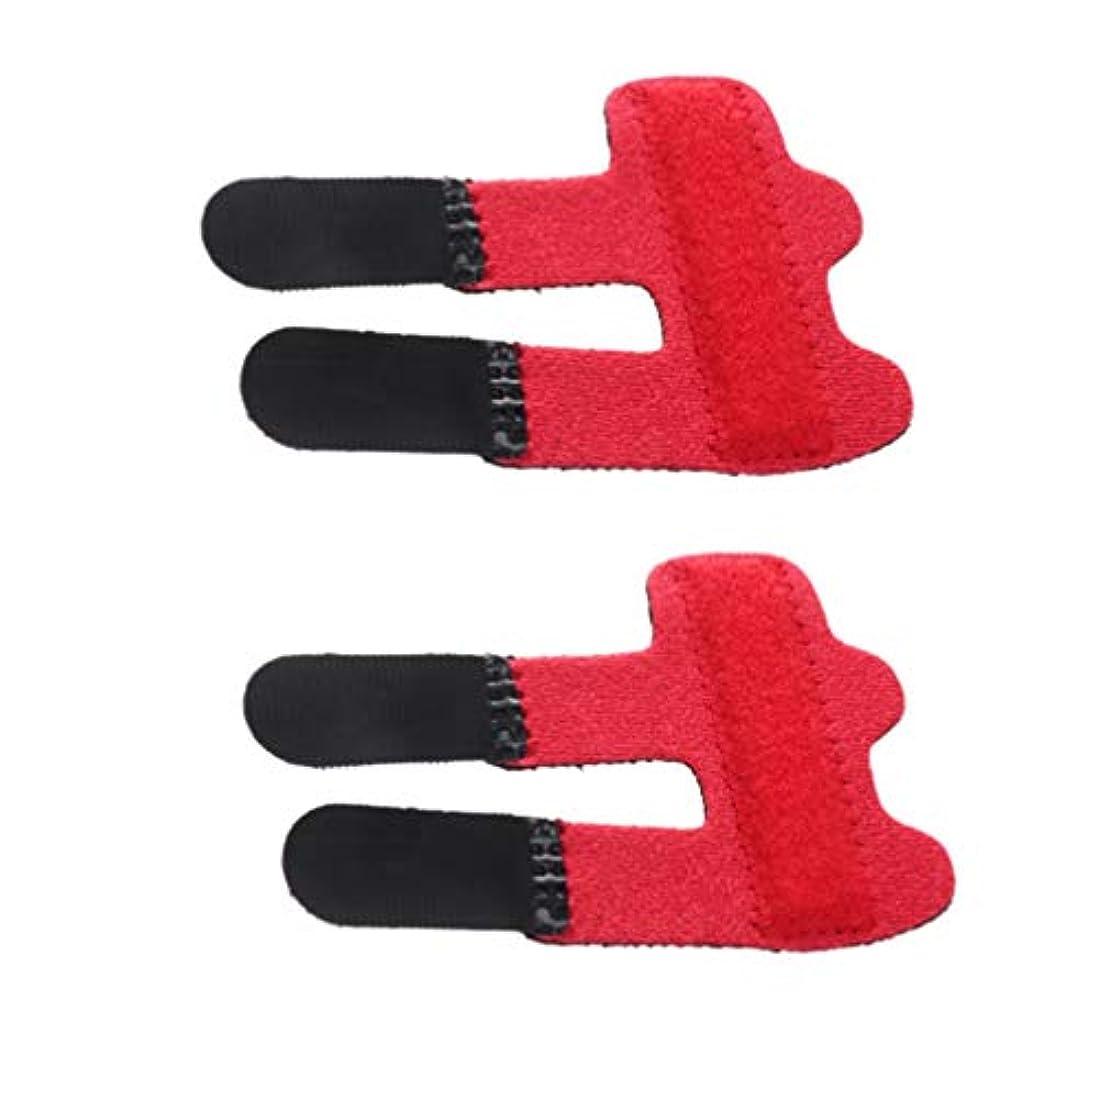 申し立てる砲兵ペナルティHealifty 2本のマレットフィンガースプリントトリガーフィンガーブレースフィンガーエクステンションスプリント用壊れた指腱の痛みの緩和(赤)